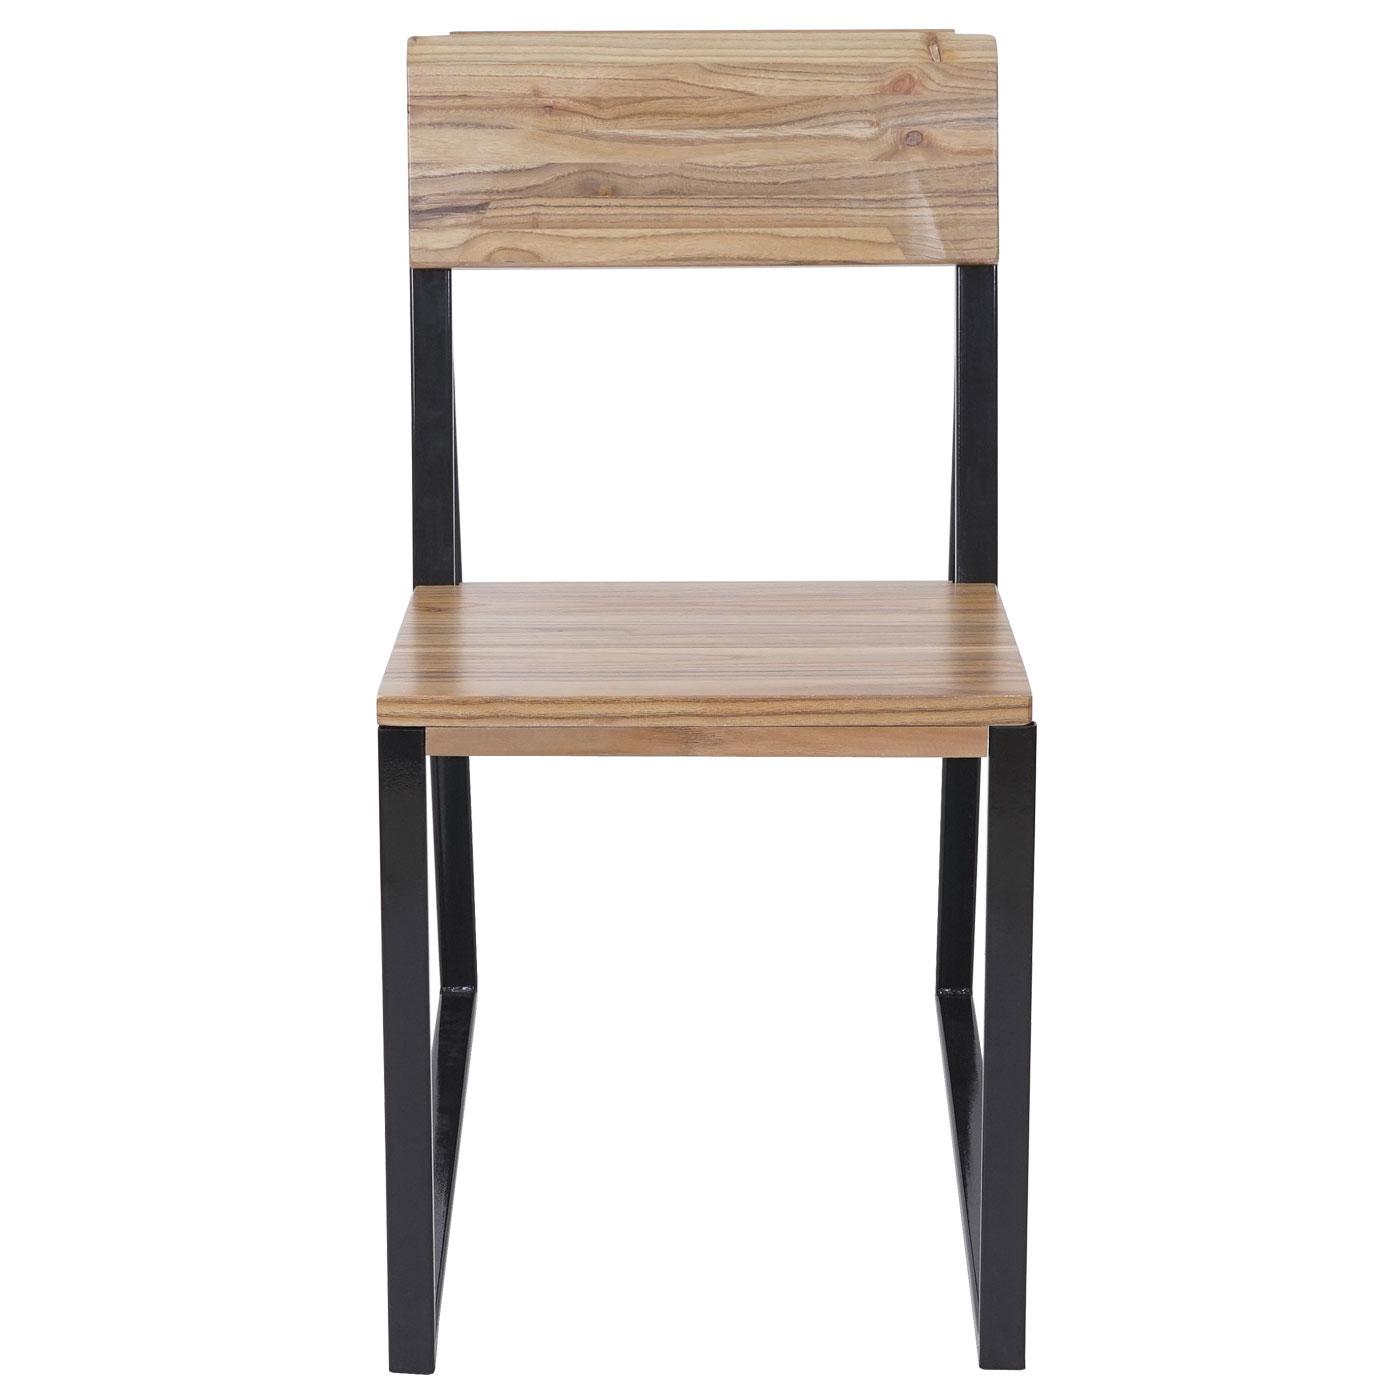 6x chaise de salle manger hwc a88 bois d 39 orme m tal. Black Bedroom Furniture Sets. Home Design Ideas